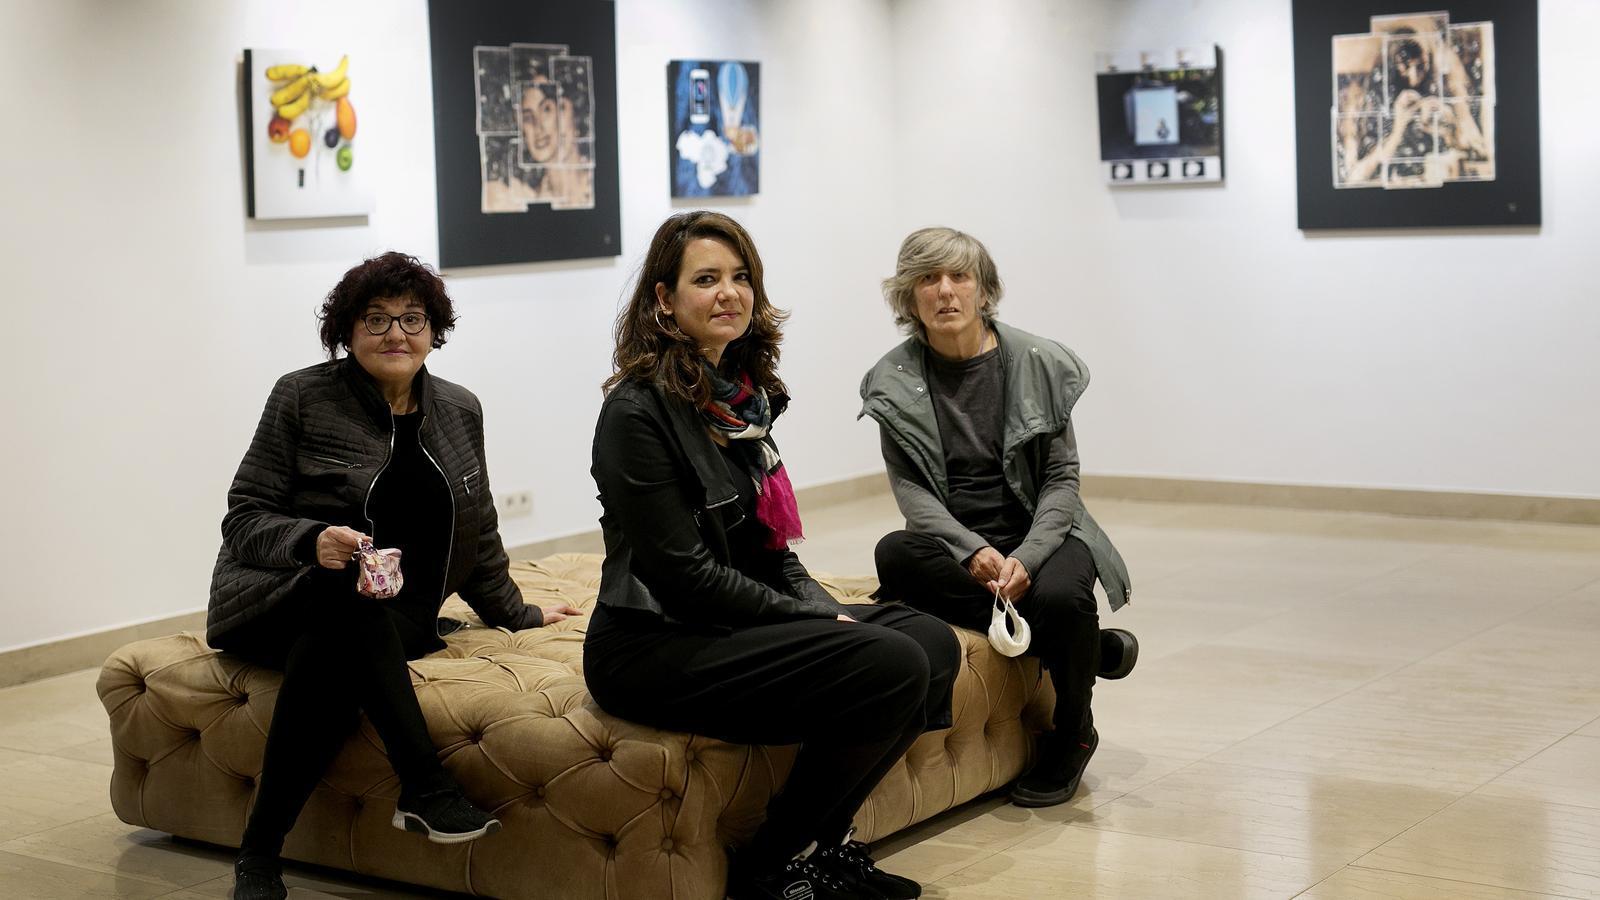 L'artista Marta Fàbregas amb Filomena Quiñones a l'esquerra i Font a la dreta, davant els collages on han col·laborat.